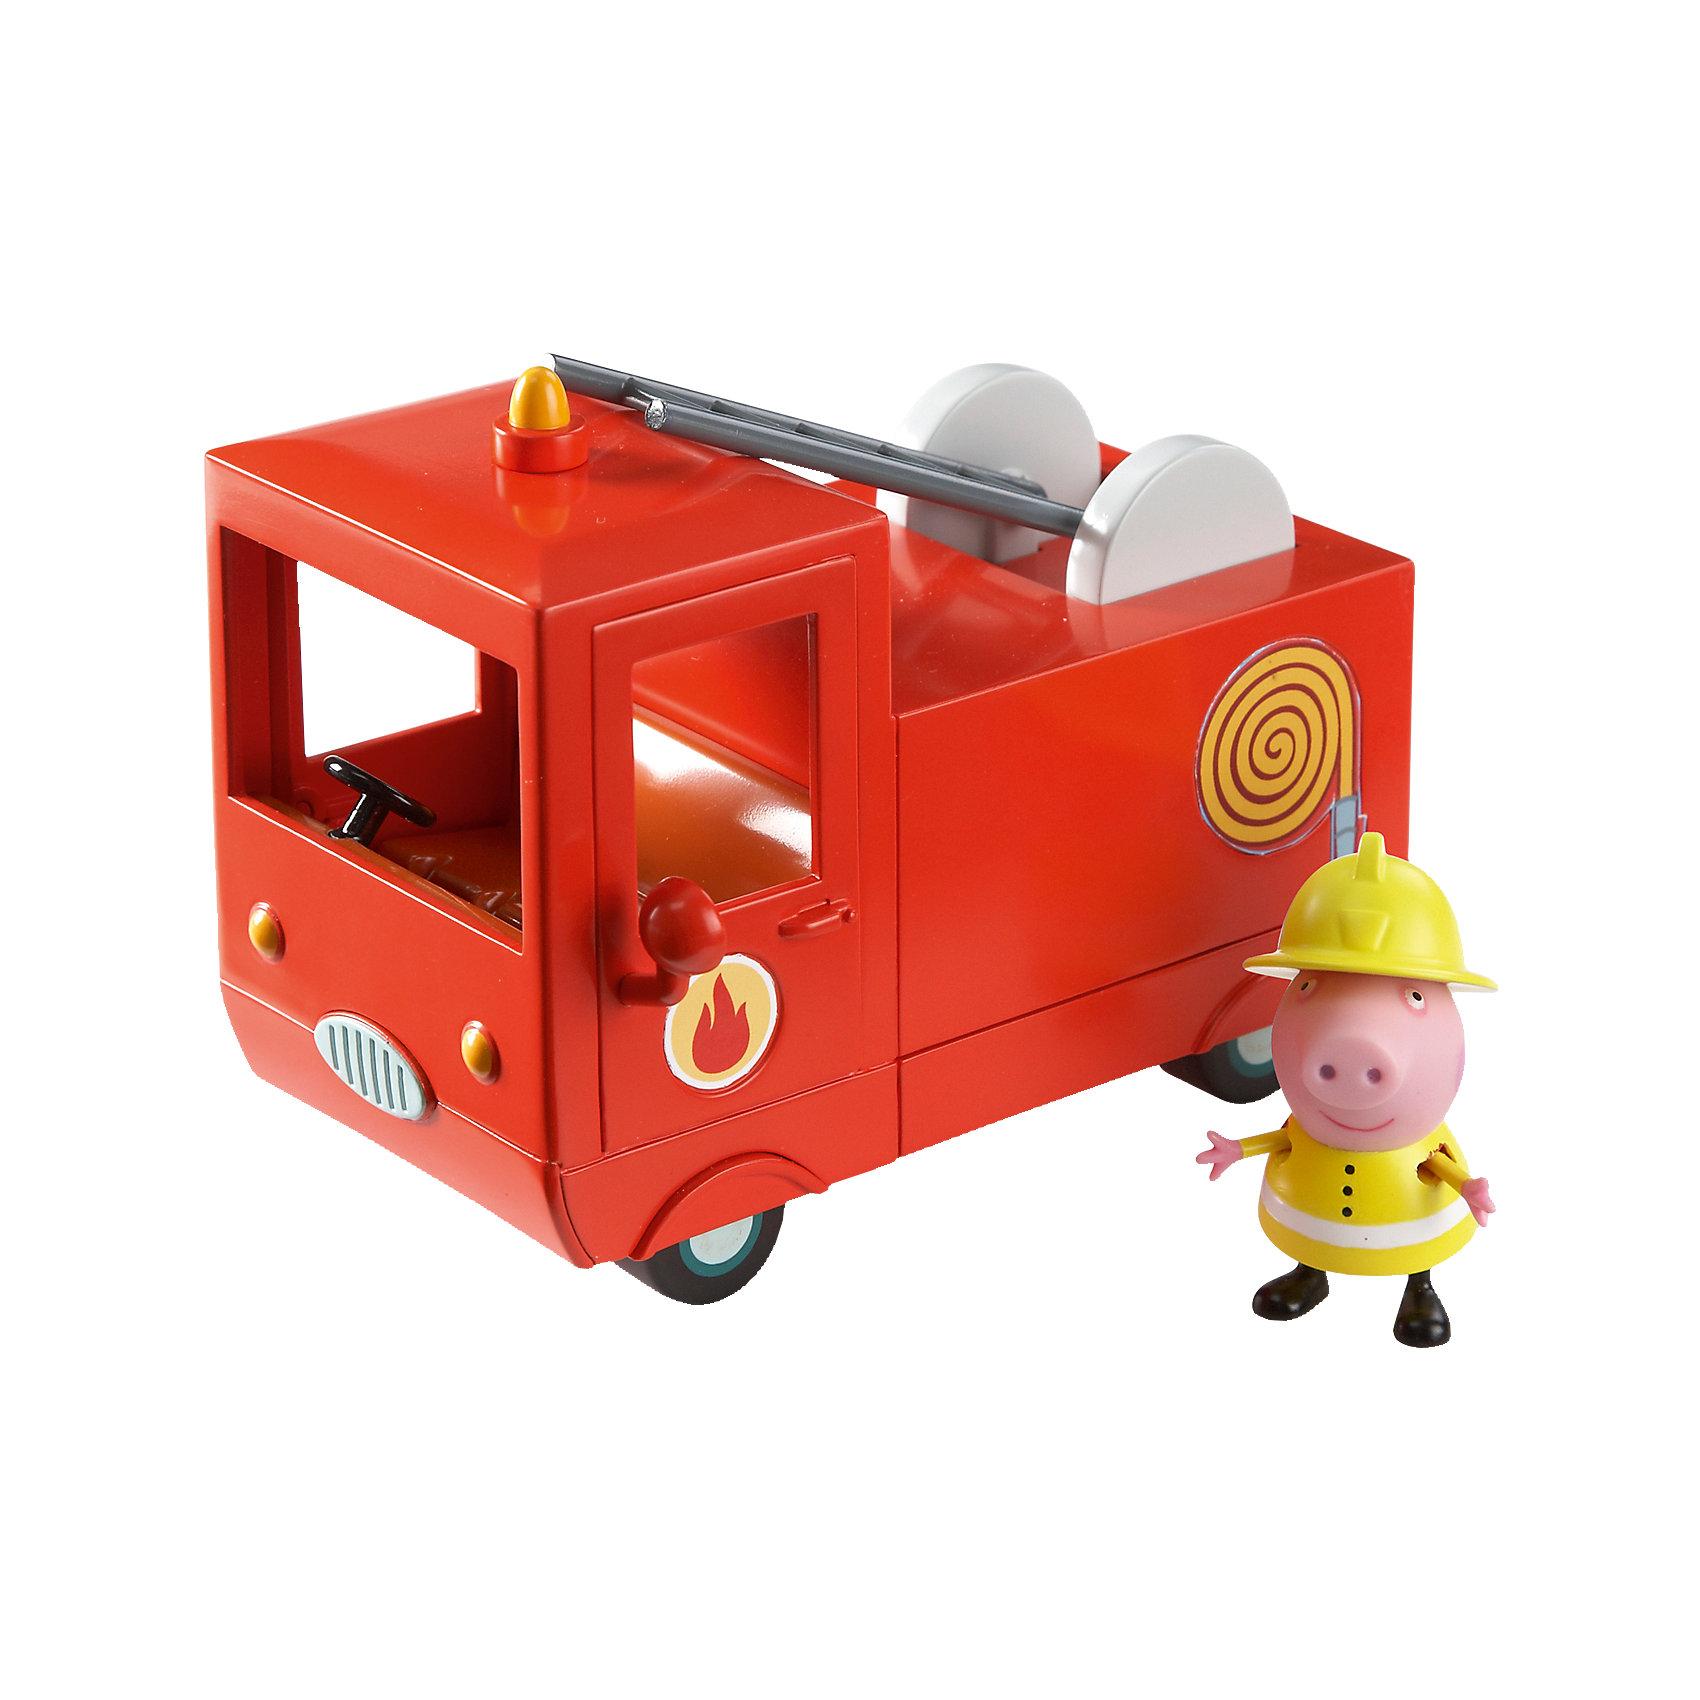 Пожарная машина Пеппы, Свинка ПеппаПопулярные игрушки<br>Свинка Пеппа спешит на помощь! В защитной форме и шлеме пожарника она отважно тушит огонь и спасает своих друзей. И все это благодаря ее пожарной машине – точно такой же, как и в мультфильме! В ней есть кабина с открывающимися дверками и углублениями на сидении для двух фигурок, подвижная пожарная лестница, декоративные зеркала и мигалка. С ней не страшен никакой пожар!&#13;<br><br>Дополнительная информация:<br><br>В игровом наборе «Пожарная машина Пеппы» ТМ «Peppa Pig» 2 предмета: красная пожарная машина размером 14х9,5х7см, фигурка Свинки Пеппы высотой 5,5 см с двигающимися ручками и ножками, которая может стоять и сидеть. Игрушки выполнены из высококачественного пластика и безопасны для детского использования. <br><br>Пожарную машину Пеппы, Свинка Пеппа можно купить в нашем магазине.<br><br>Ширина мм: 200<br>Глубина мм: 130<br>Высота мм: 140<br>Вес г: 368<br>Возраст от месяцев: 36<br>Возраст до месяцев: 72<br>Пол: Унисекс<br>Возраст: Детский<br>SKU: 4440527